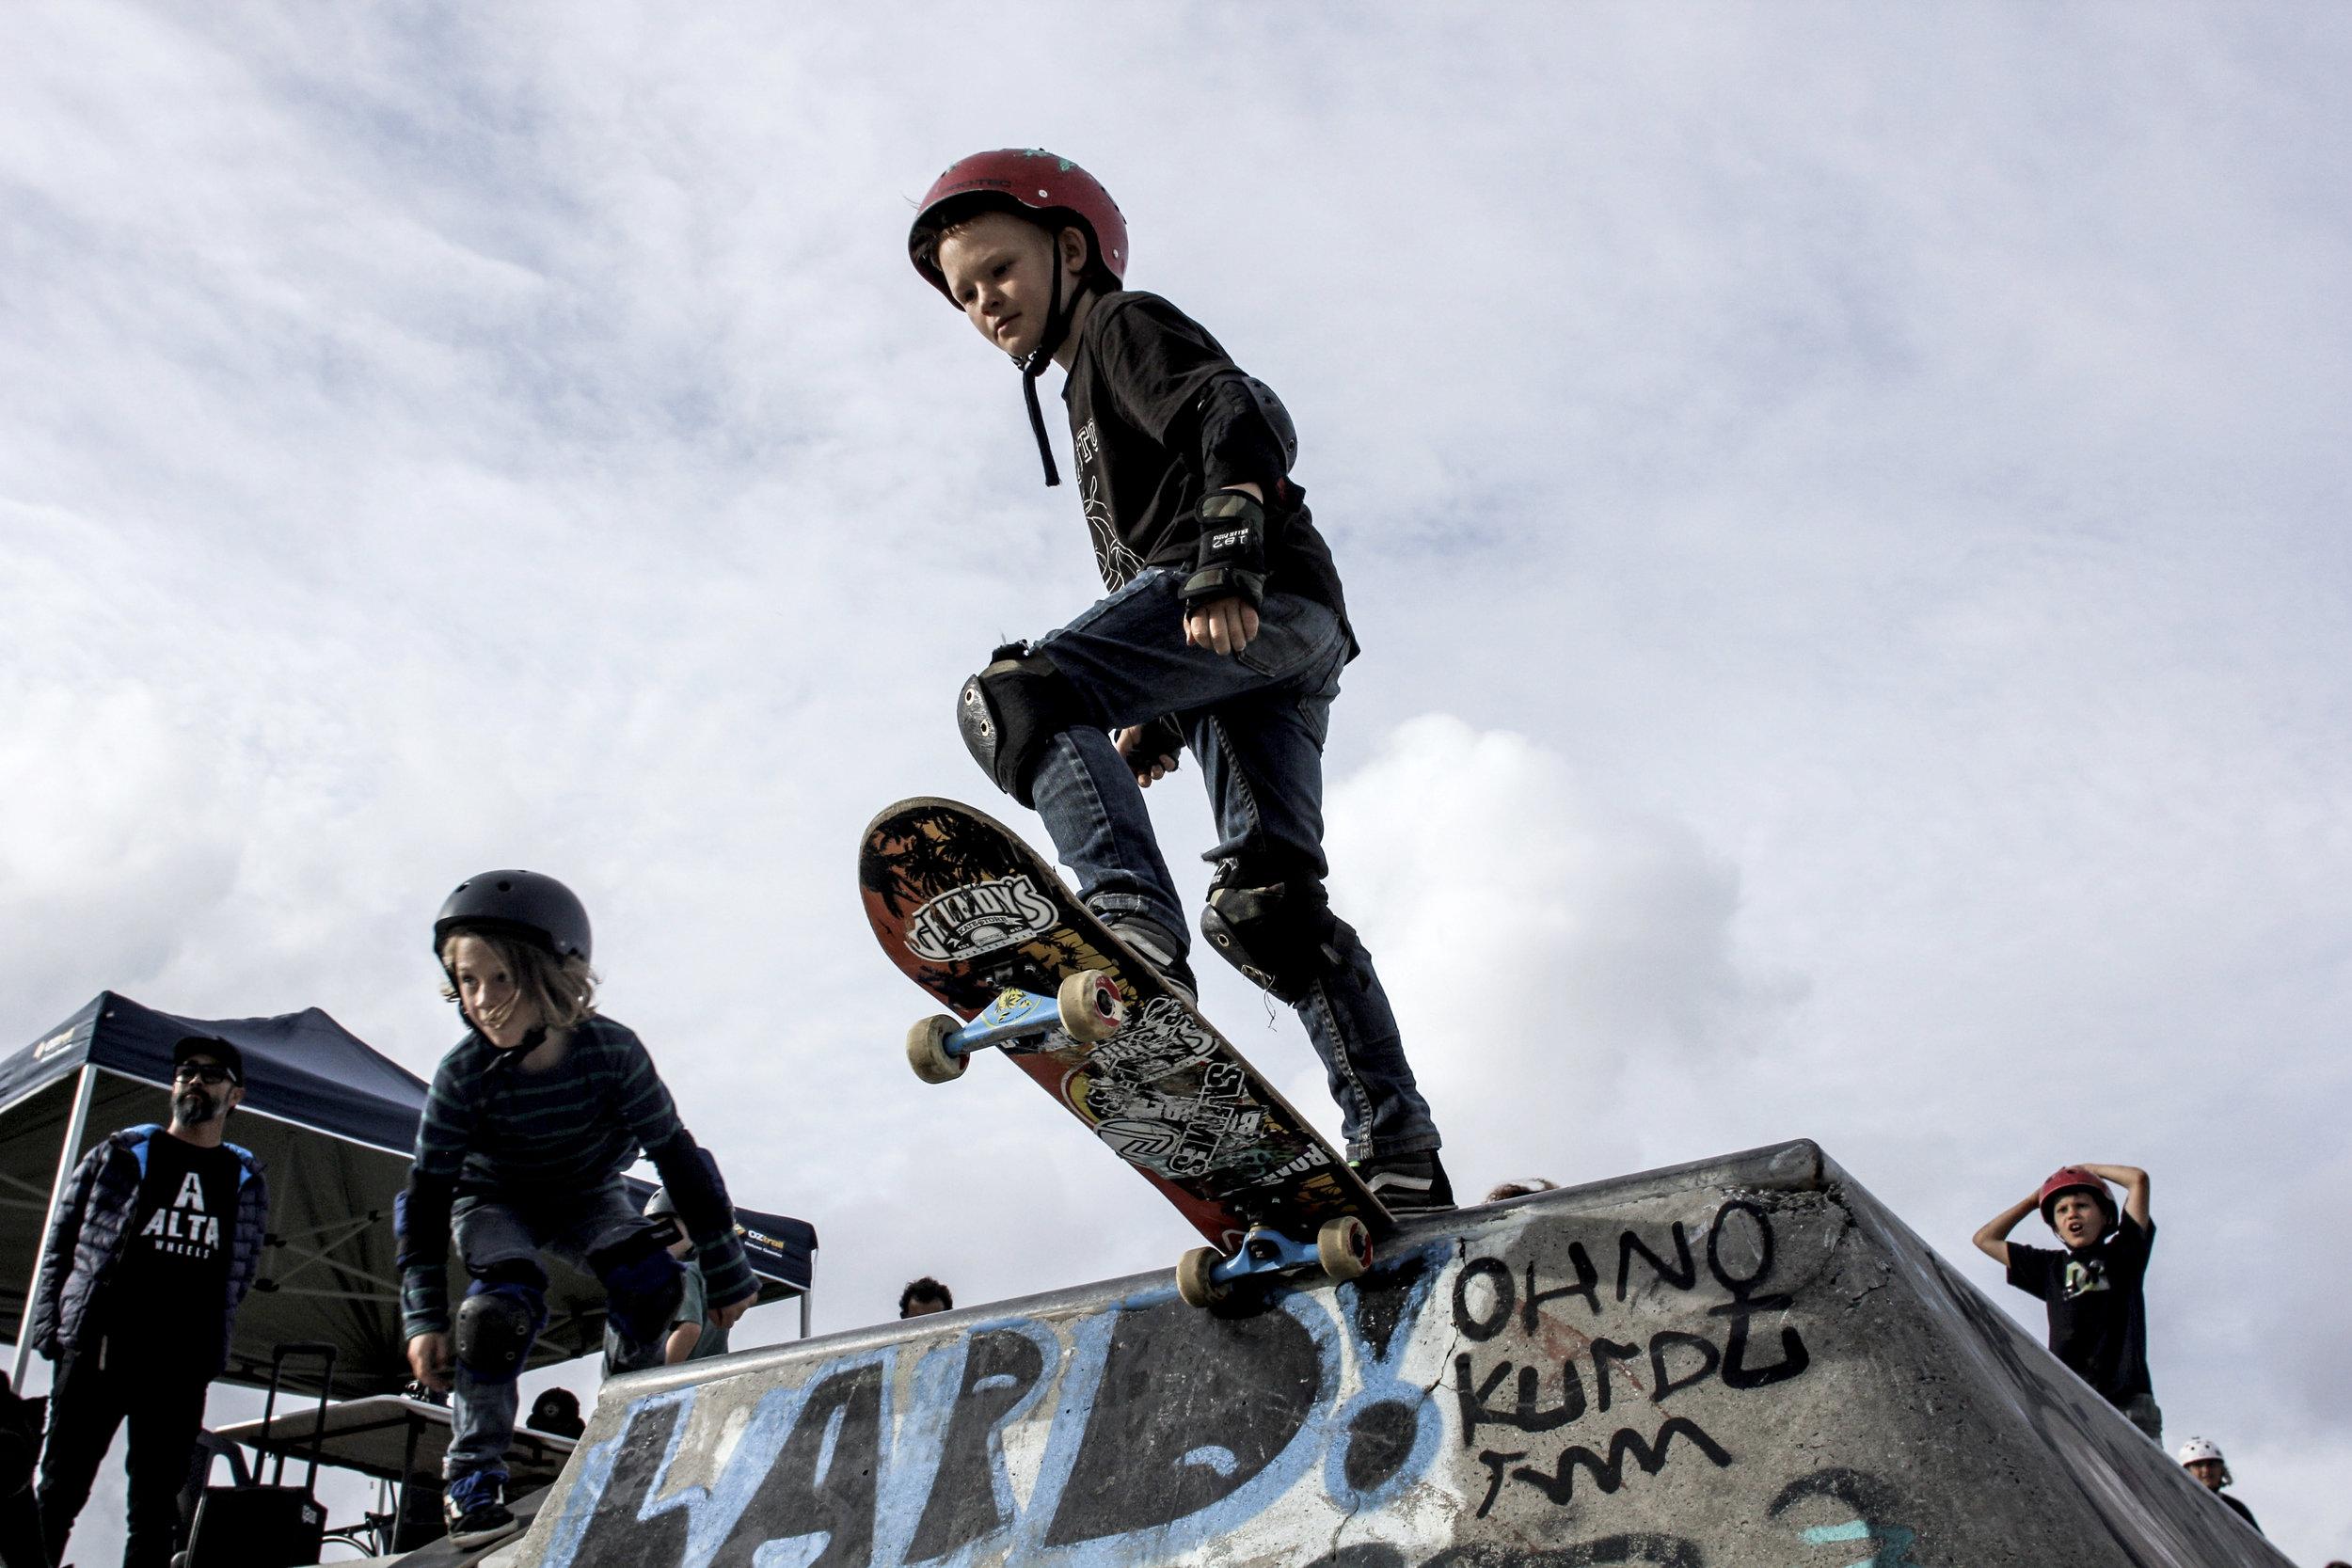 skate_fb19.jpg